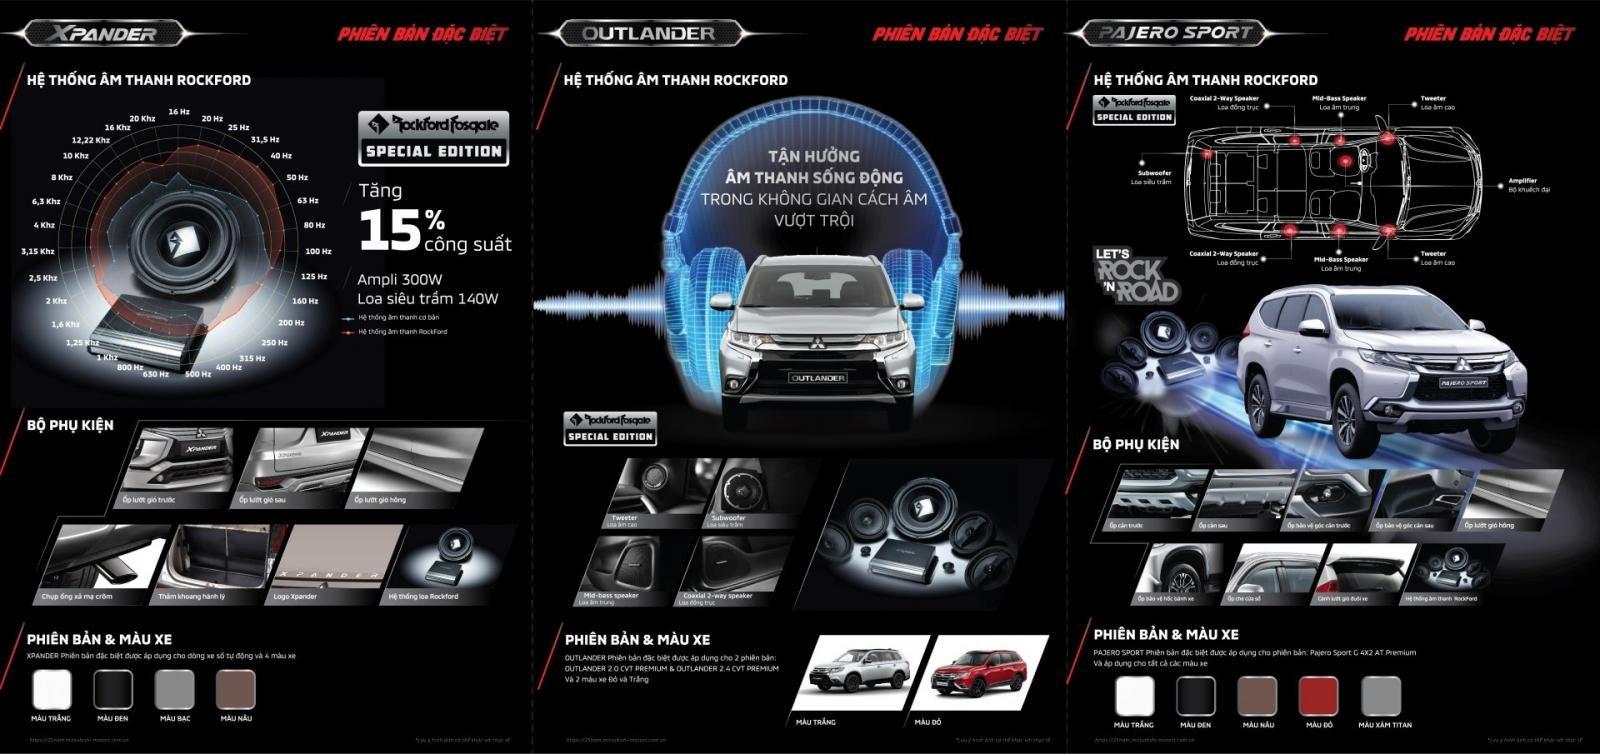 Chính thức: Mitsubishi Xpander, Outlander và Pajero Sport bản đặc biệt ra mắt a2